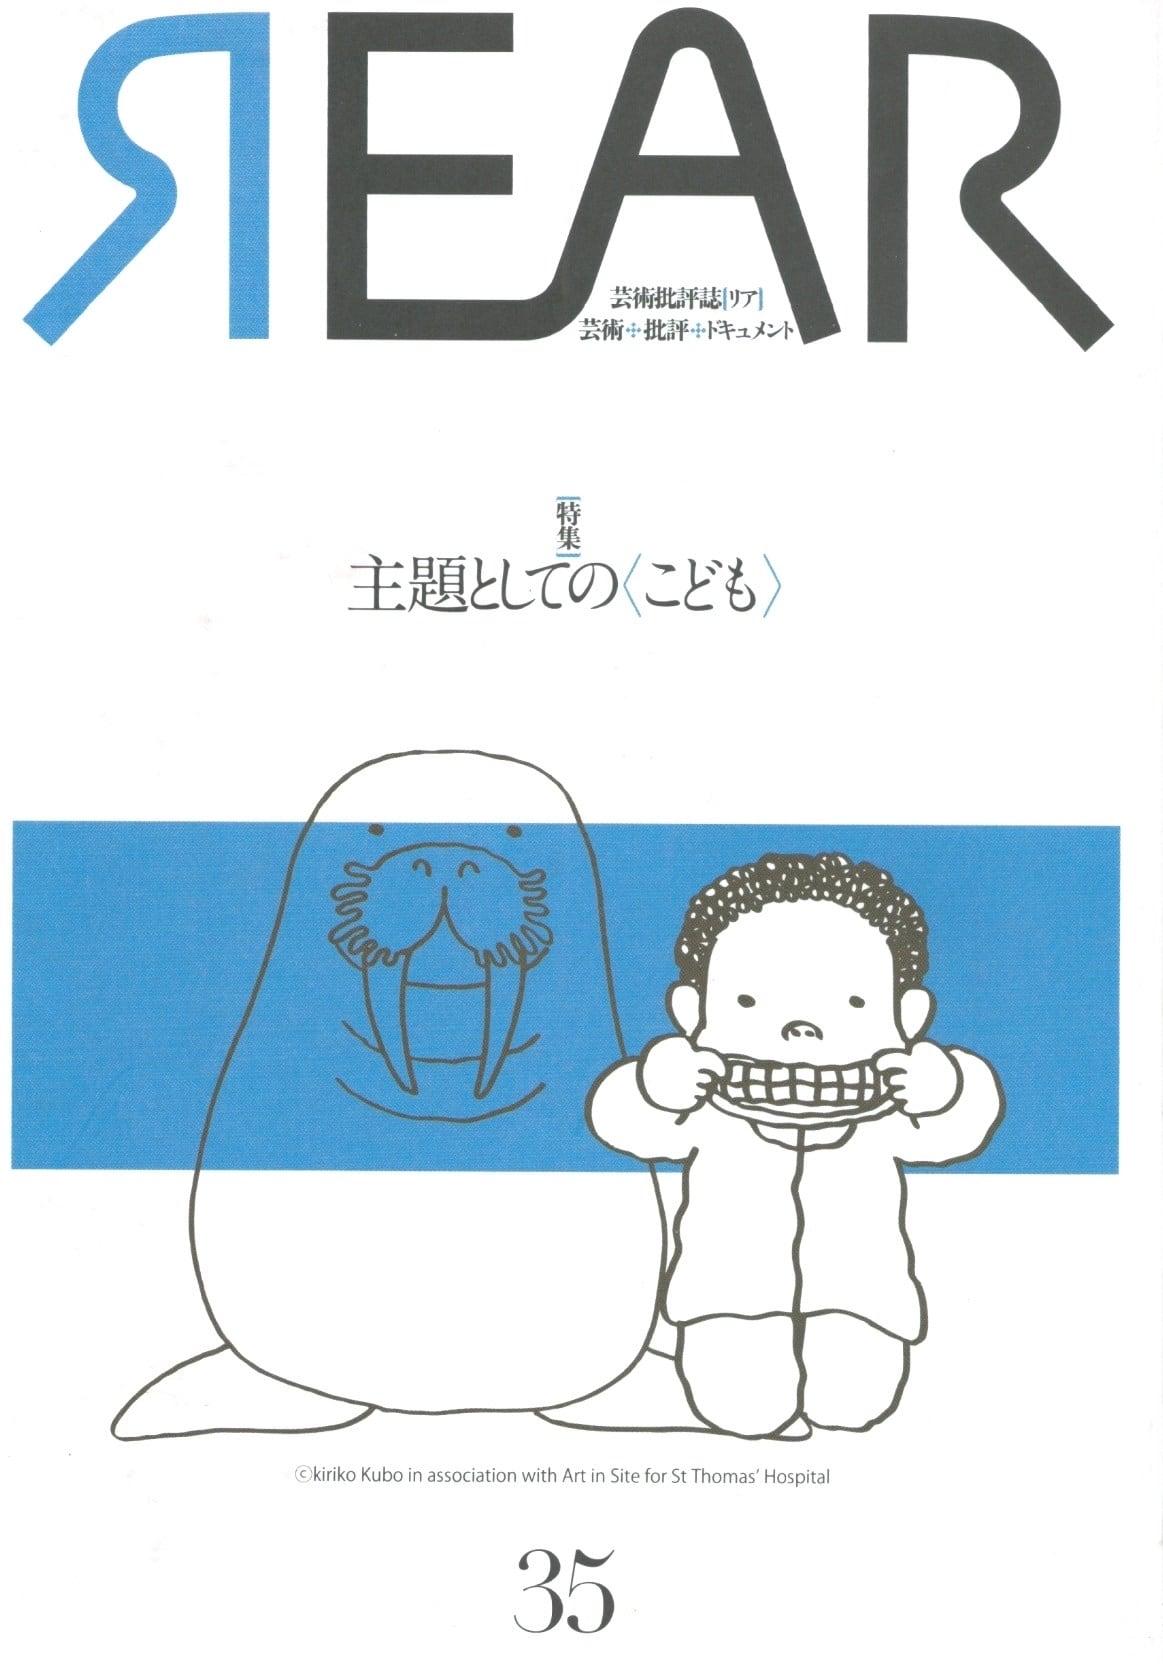 REAR no.35 主題としての〈子ども〉